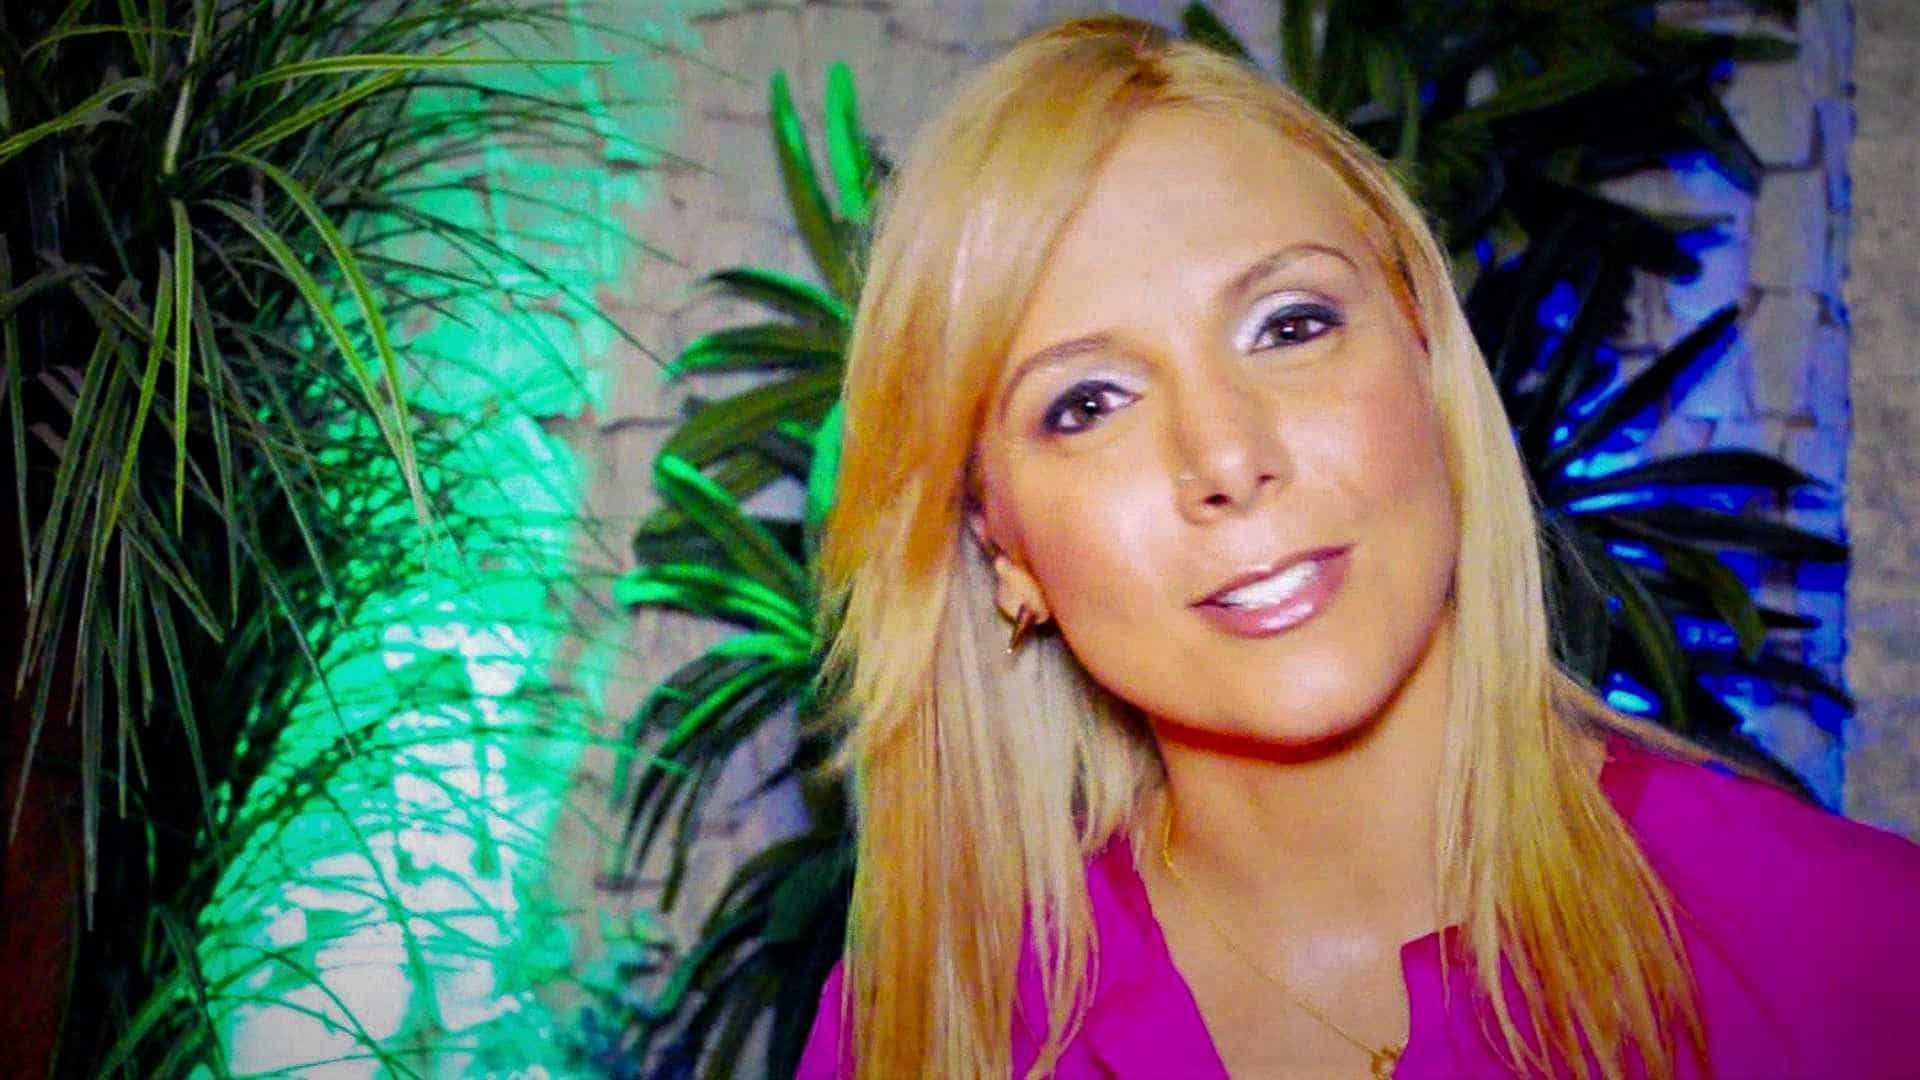 Carla Perez desabafa após seu trio ser multado na Bahia: 'Humilhação'